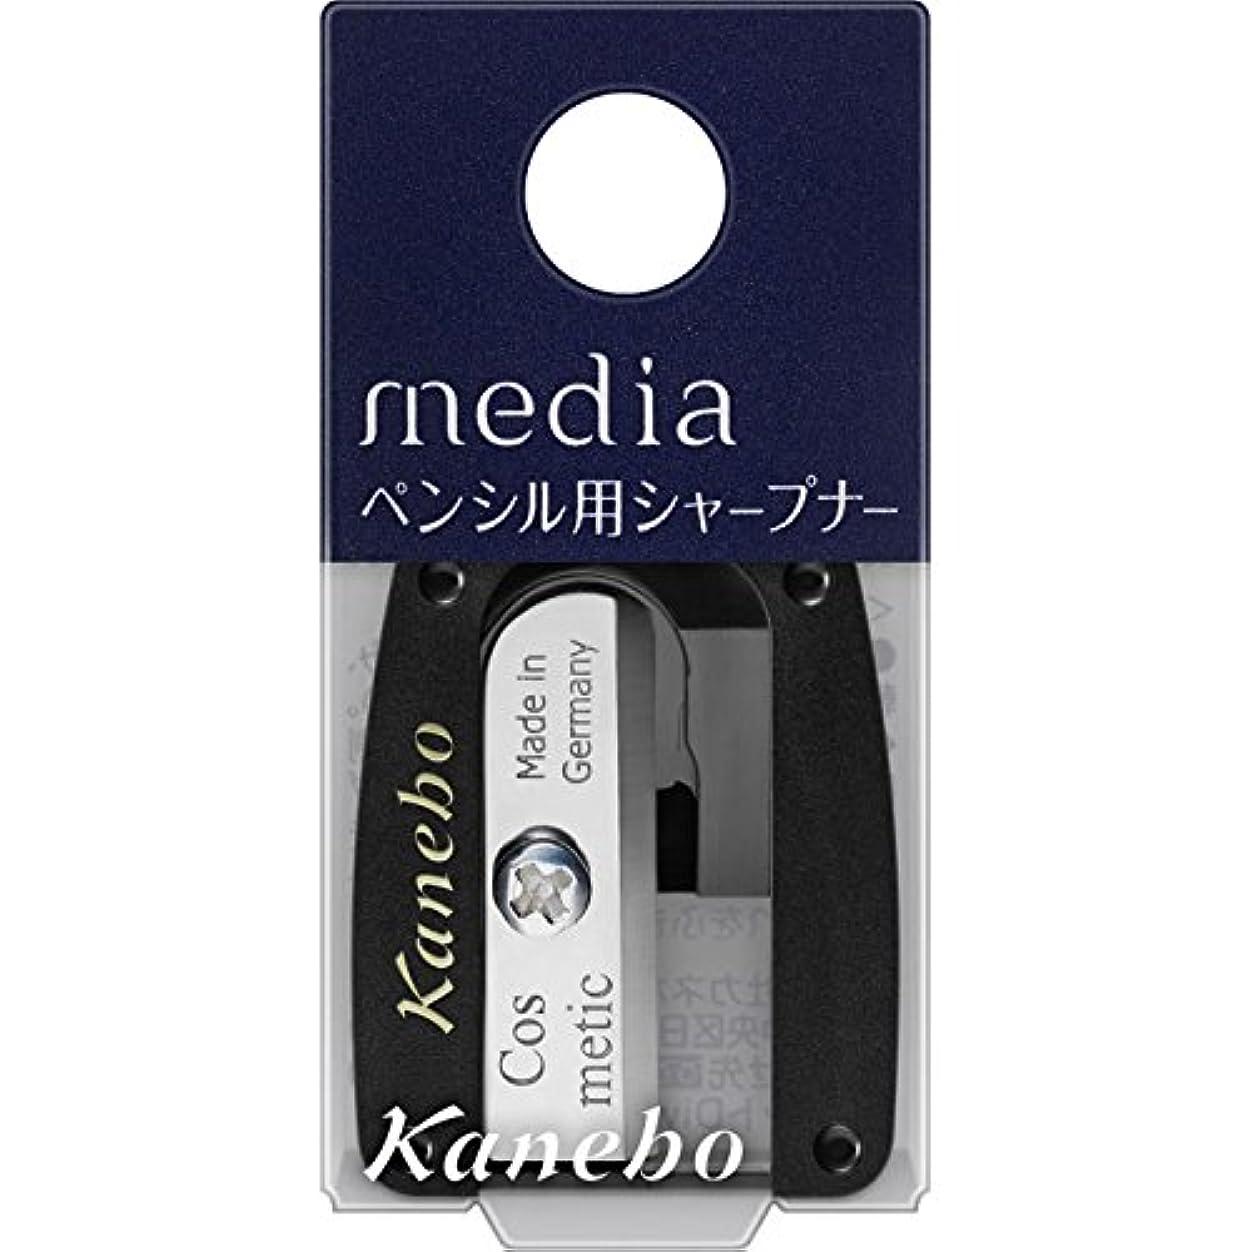 ヒップスキー優しい【カネボウ】 メディア ペンシル用シャープナー